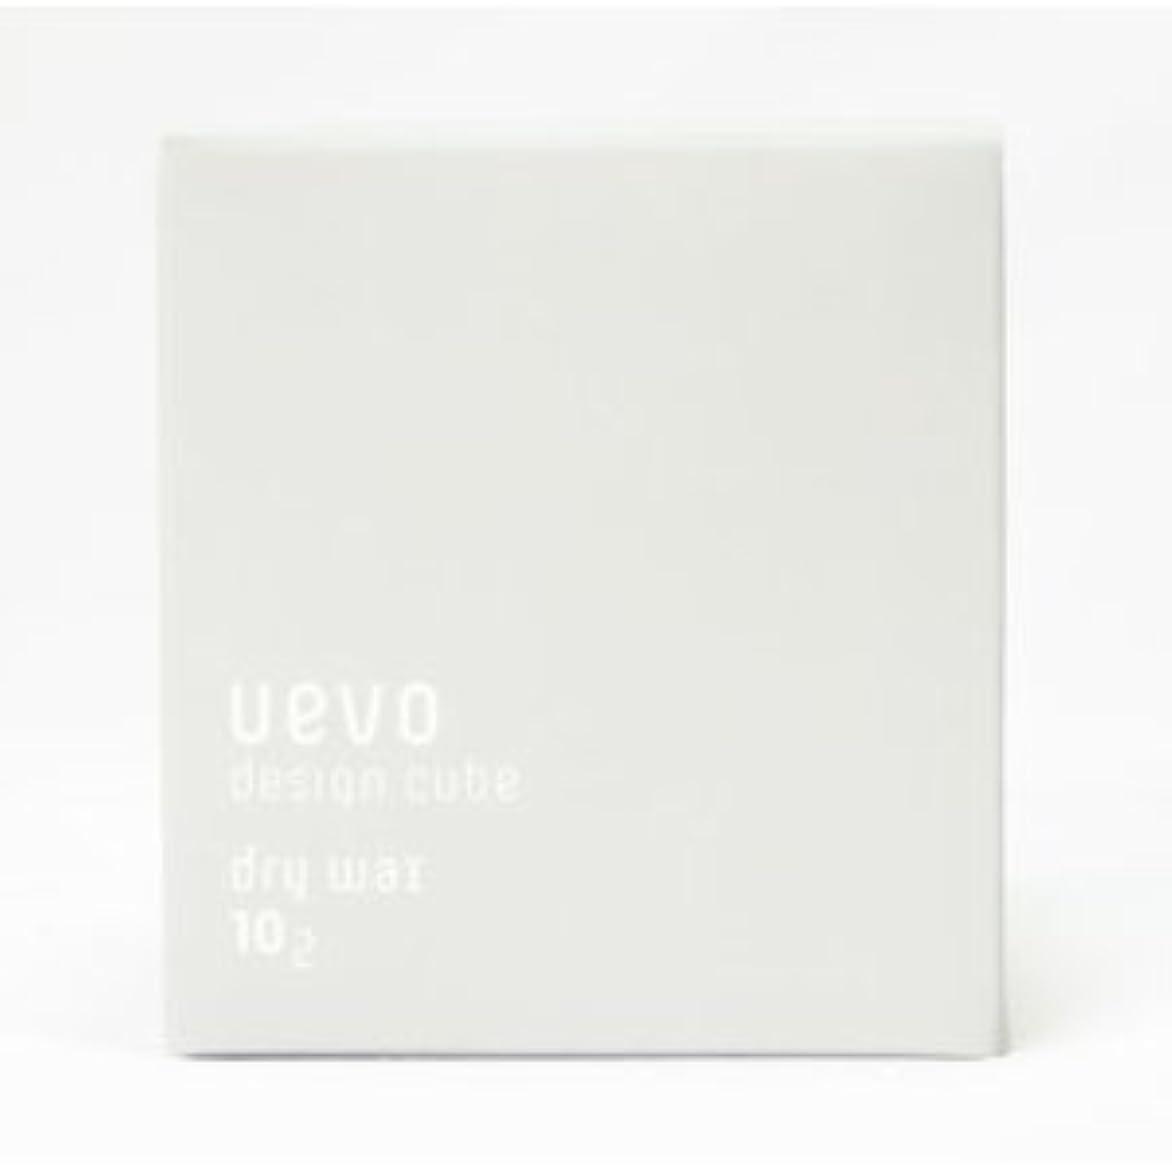 資格知人不幸【X2個セット】 デミ ウェーボ デザインキューブ ドライワックス 80g dry wax